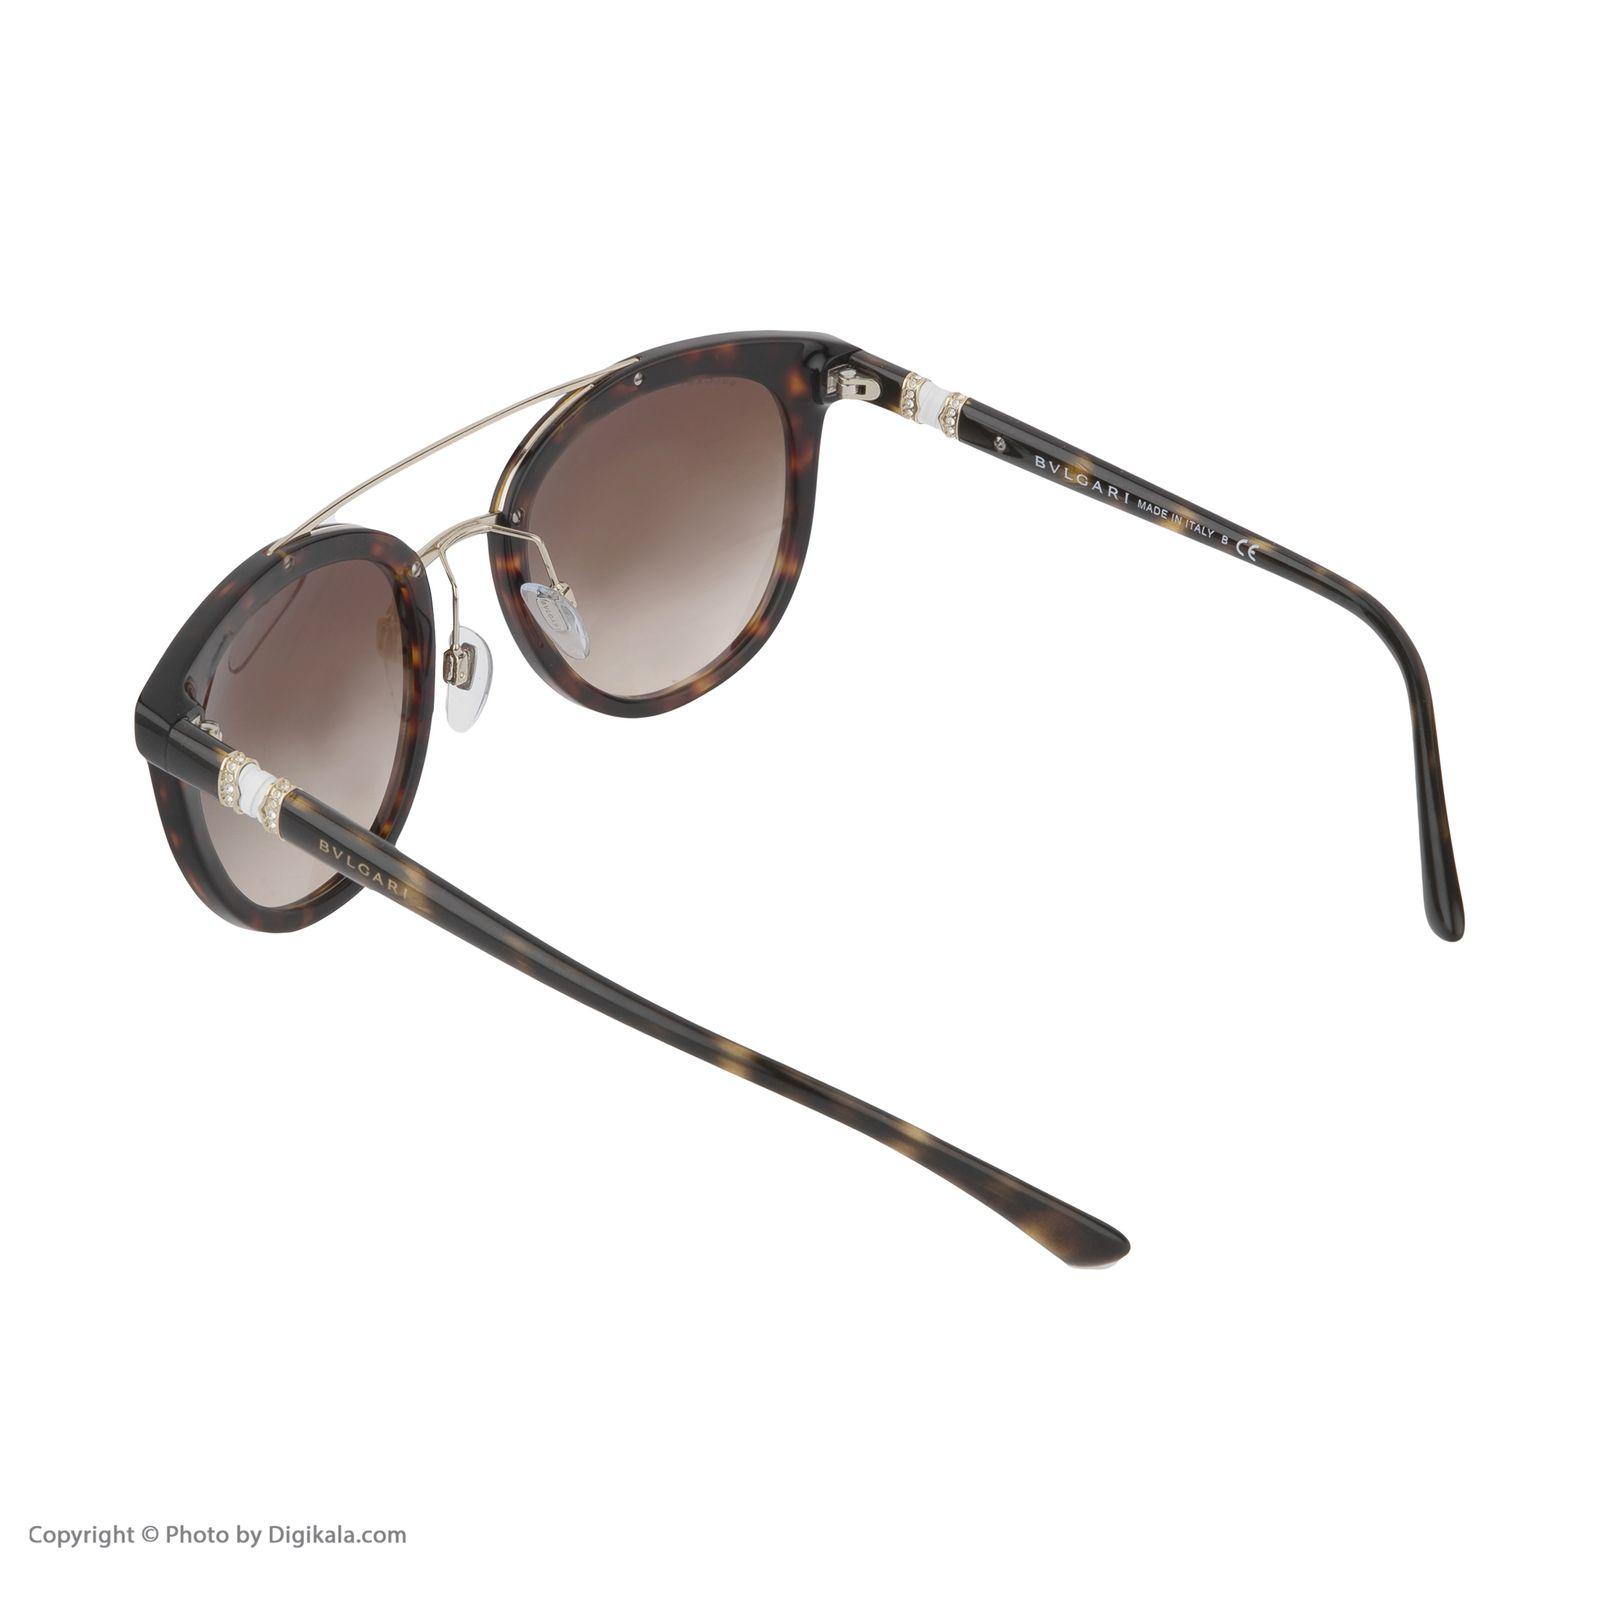 عینک آفتابی زنانه بولگاری مدل BV8184B 50413 -  - 5